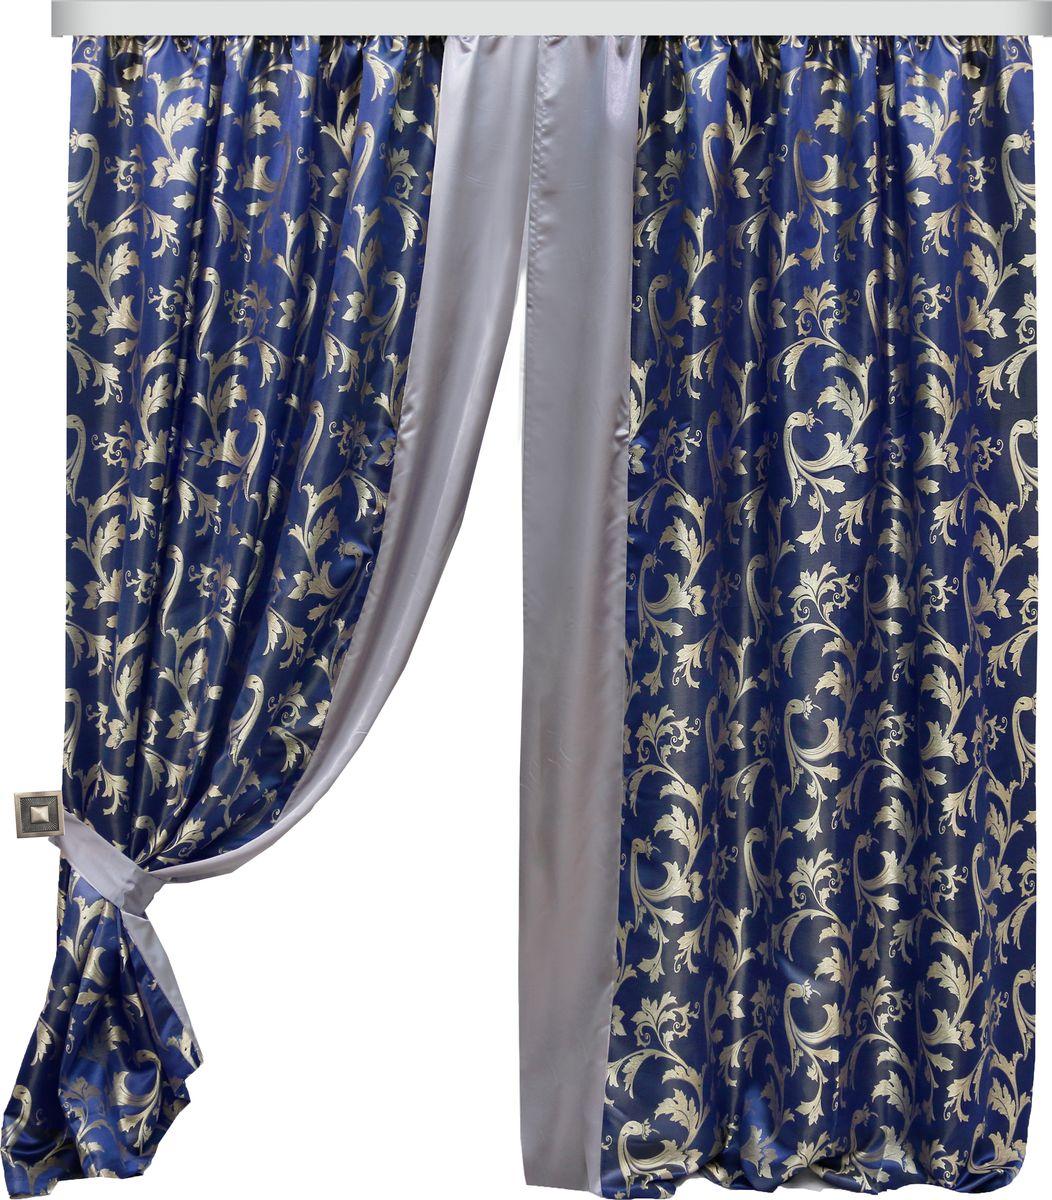 Комплект штор Zlata Korunka, на ленте, цвет: синий, высота 250 см. 777100777100Роскошный комплект штор Zlata Korunka, выполненный из полиэстера,великолепно украсит любое окно. Комплект состоит из двух штор и двух подхватов.Изящный рисунок и приятная цветовая гамма привлекут к себевнимание и органично впишутся в интерьер помещения. Этот комплект будет долгое время радовать вас и вашу семью!